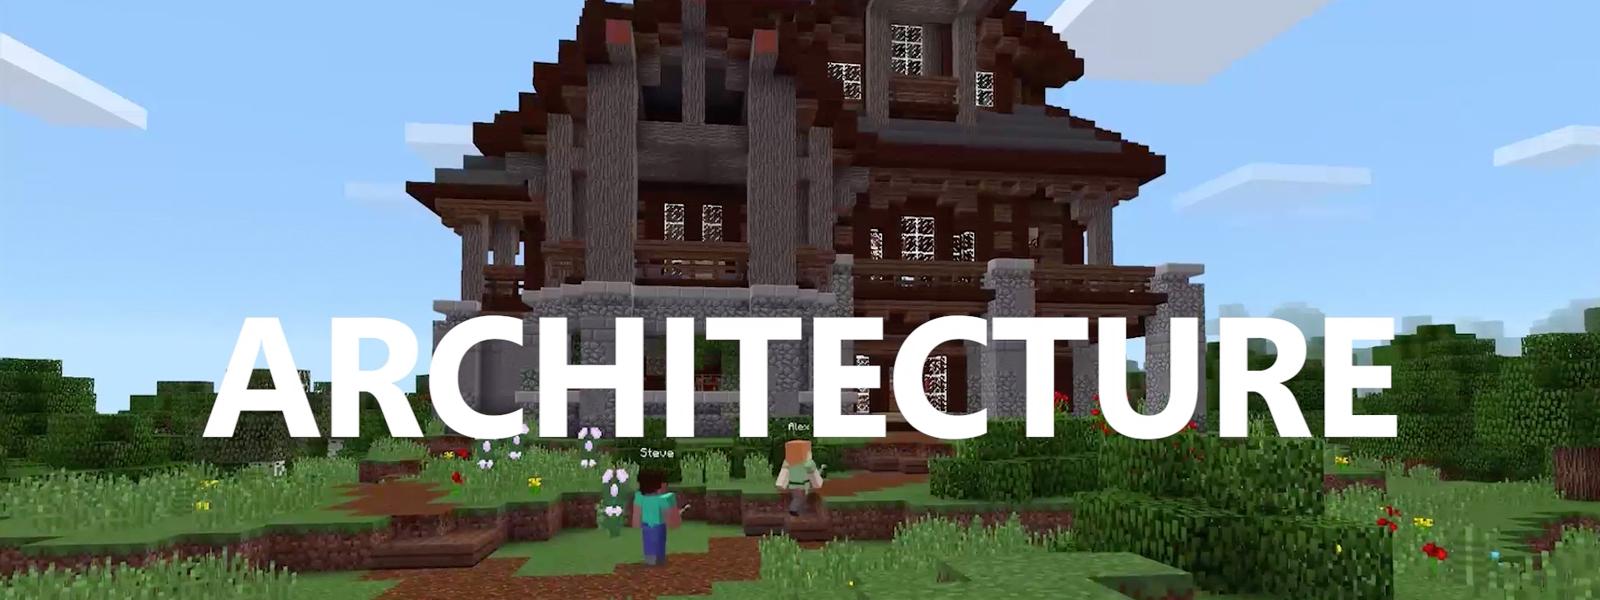 minecraft offline free download full version